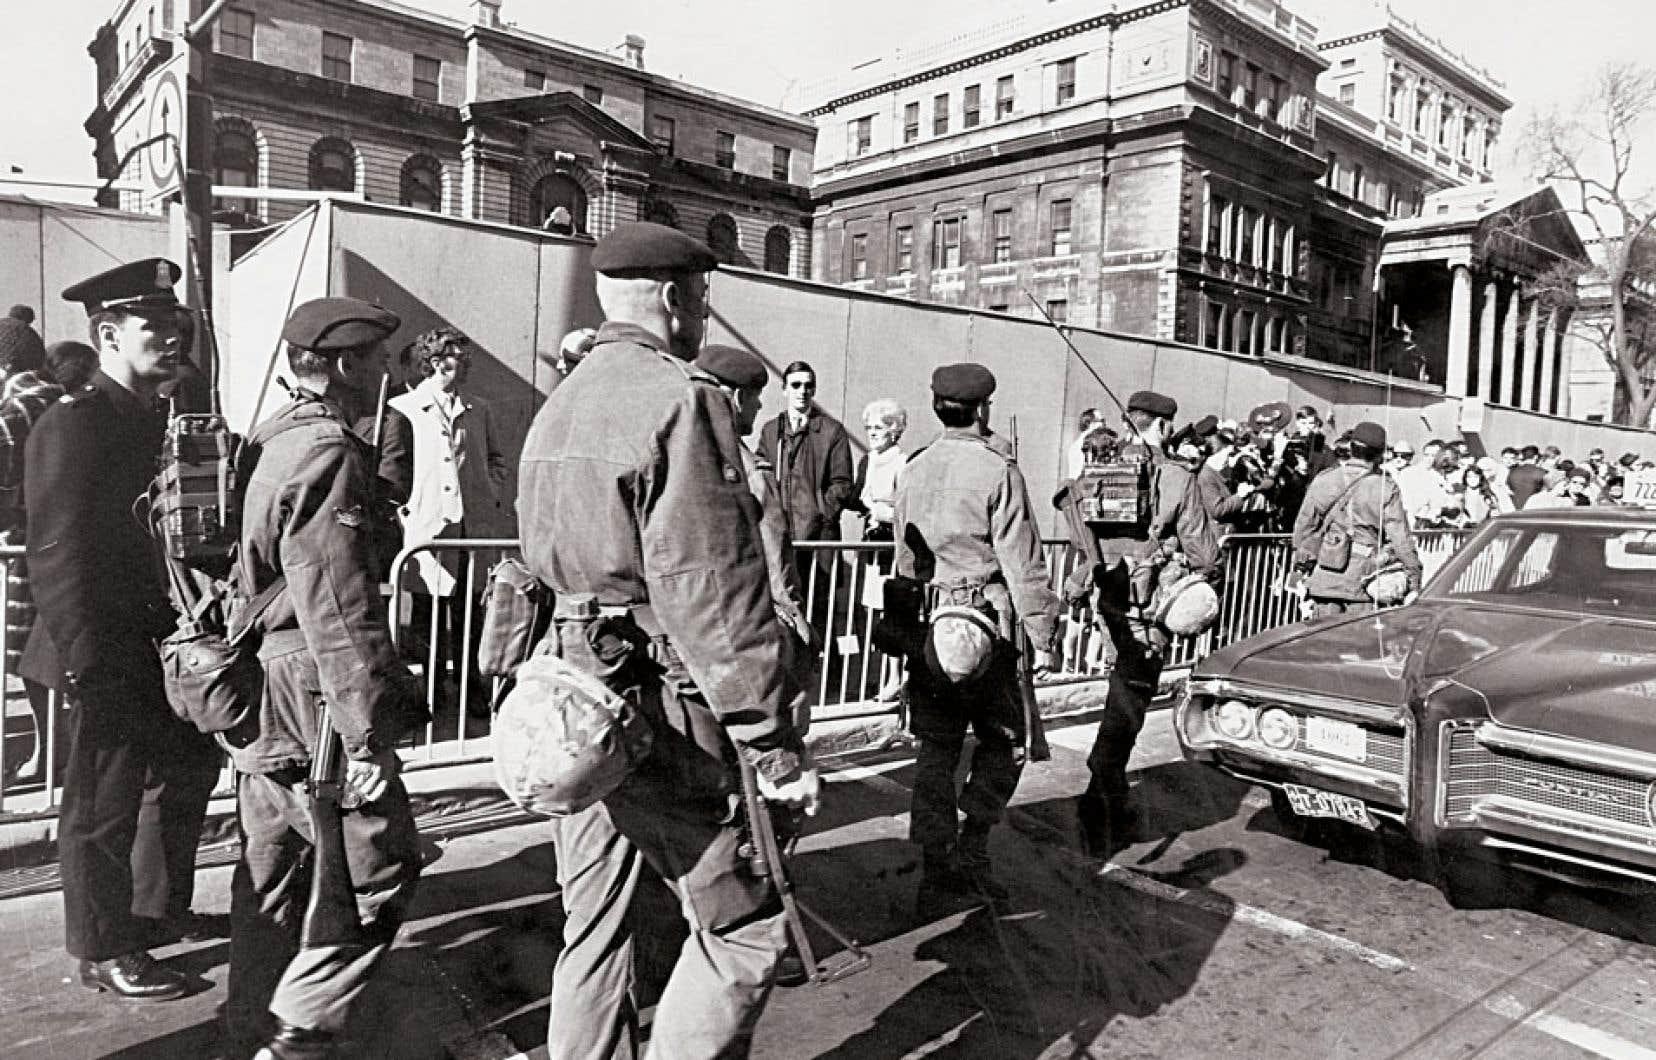 15 octobre 1970. Des soldats se déploient dans les rues de Montréal.